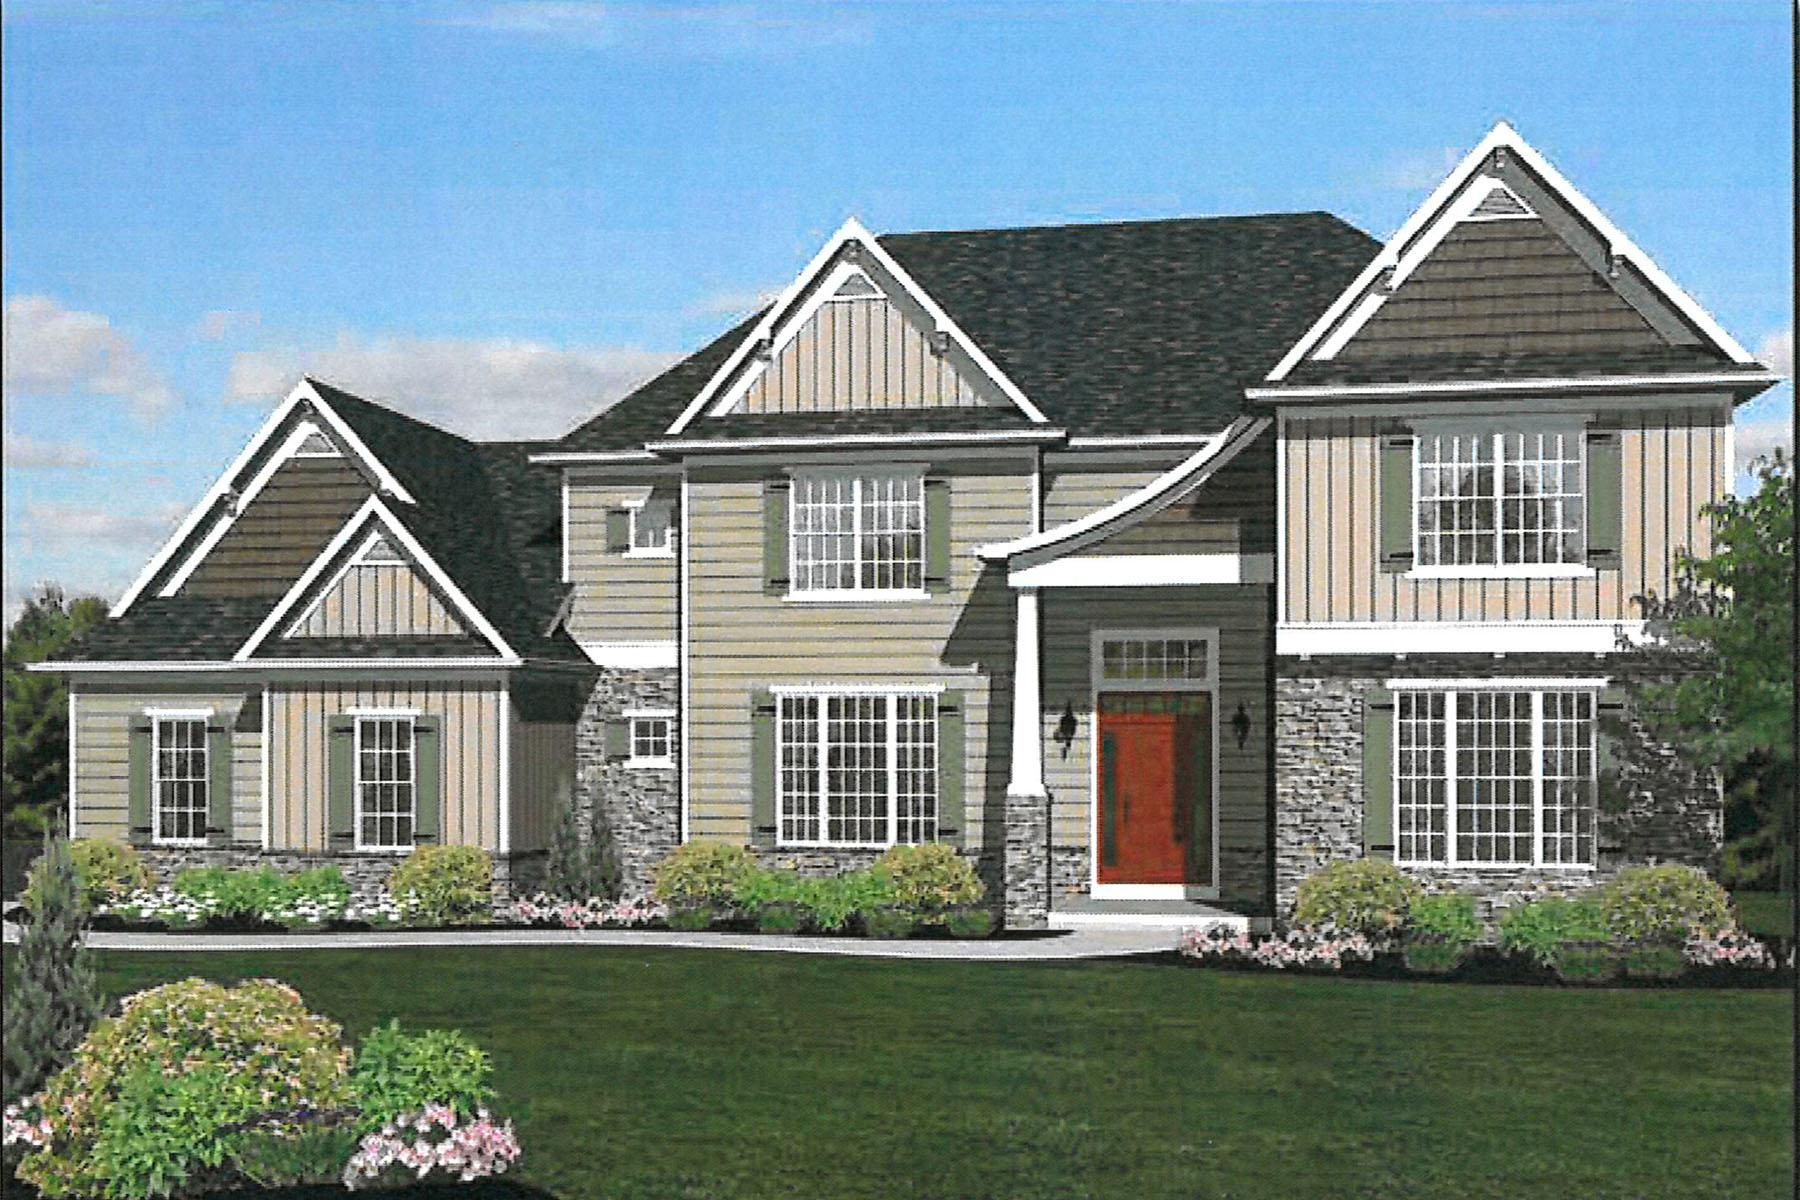 独户住宅 为 销售 在 Weston Model Amber Drive Weston Model Amber Drive 立提兹市, 宾夕法尼亚州 17543 美国